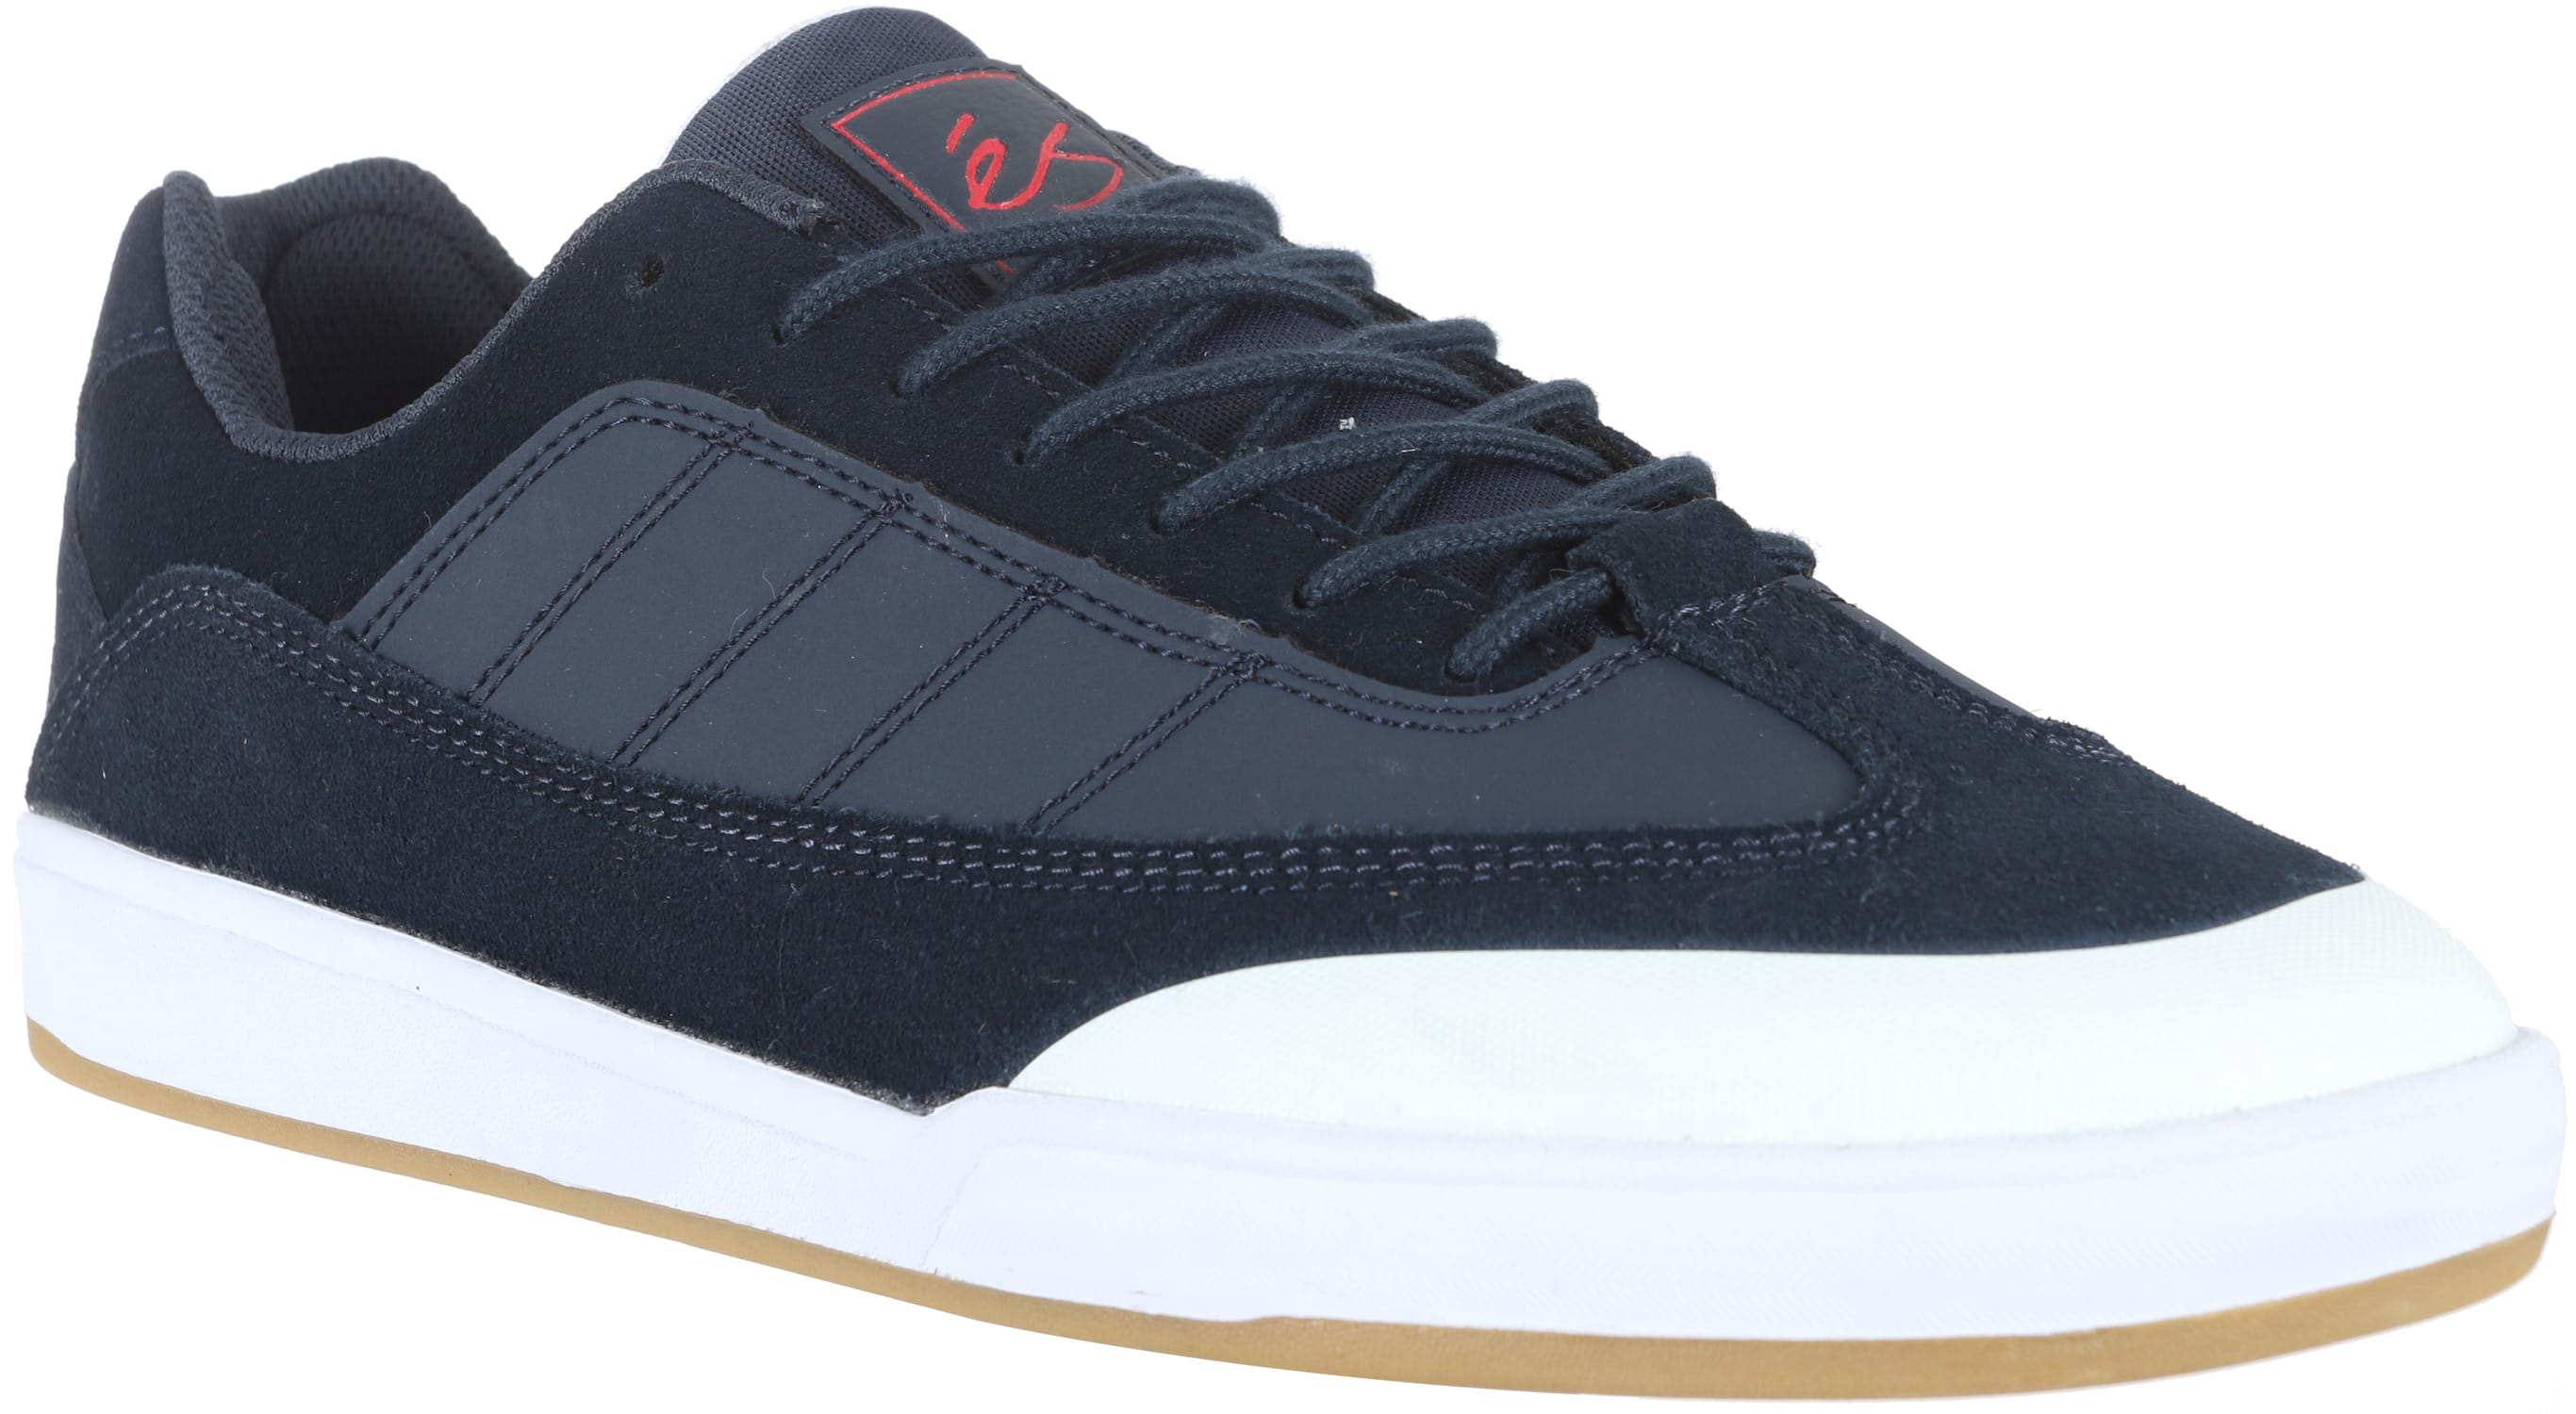 ES SLB '97 Skate Shoes